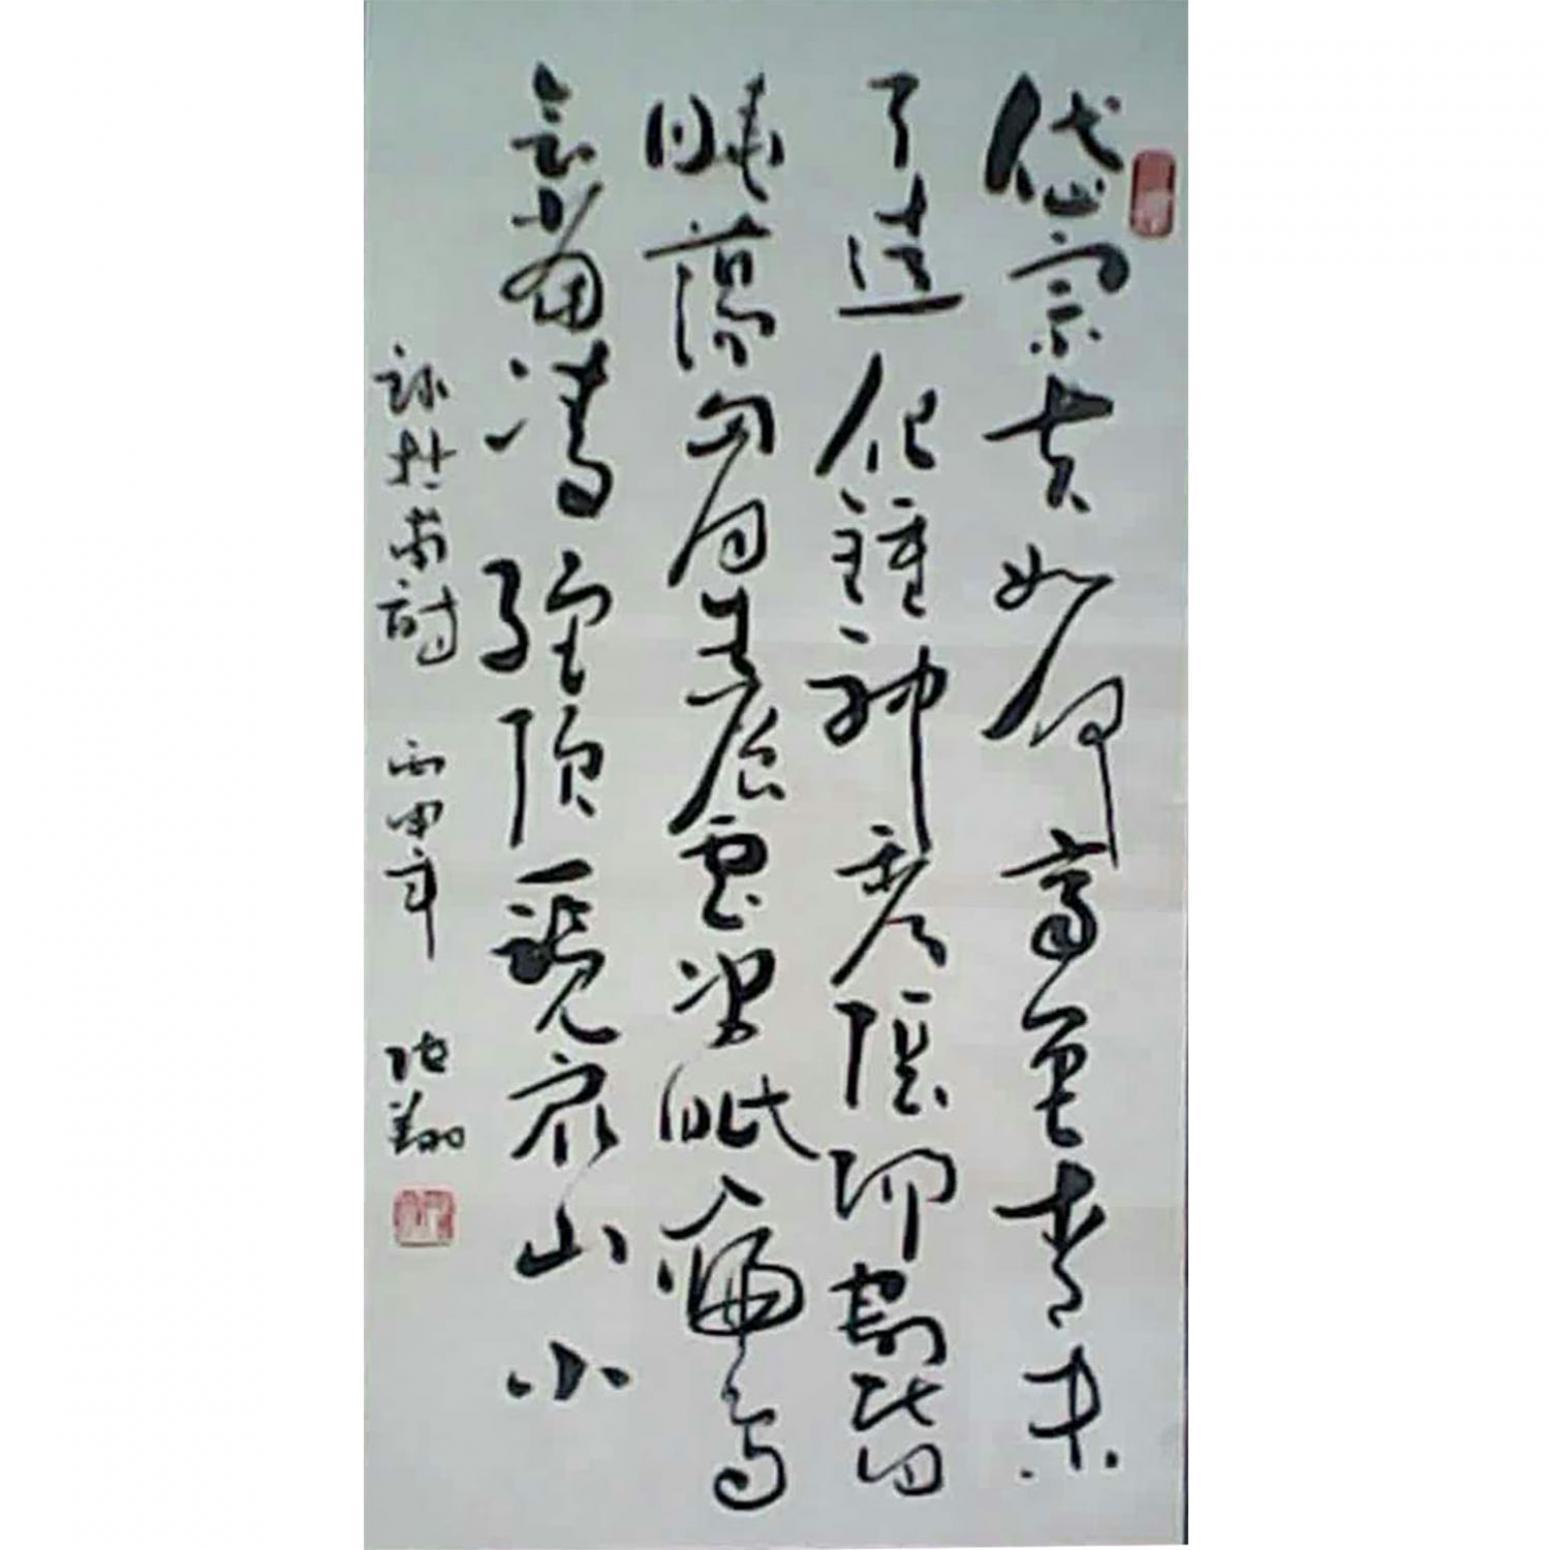 张翔书法作品《【书法 可定制】作者张翔》